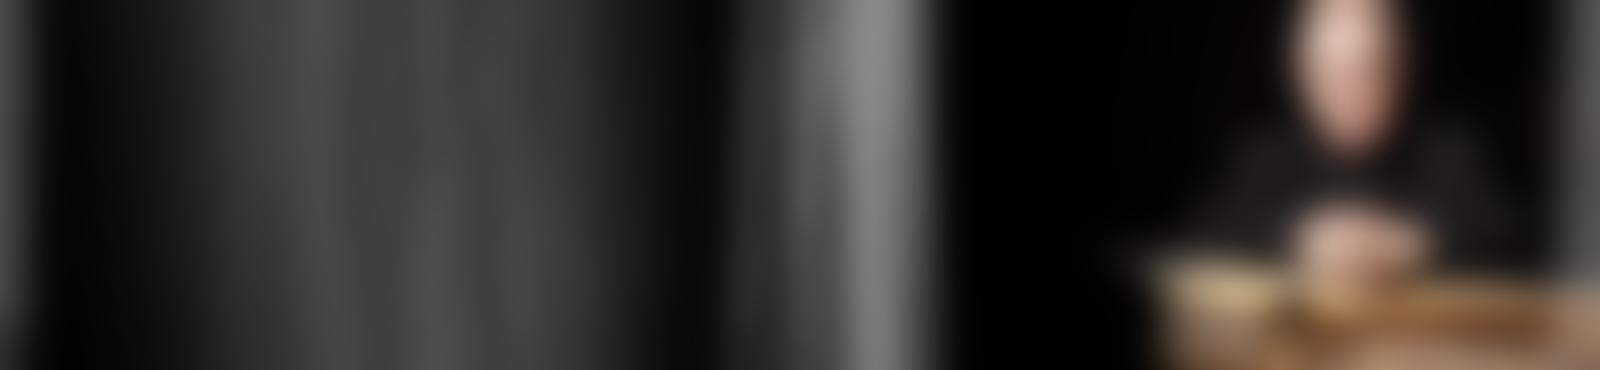 Blurred 4873334e 6987 44f9 aa15 8f27cb3646b1